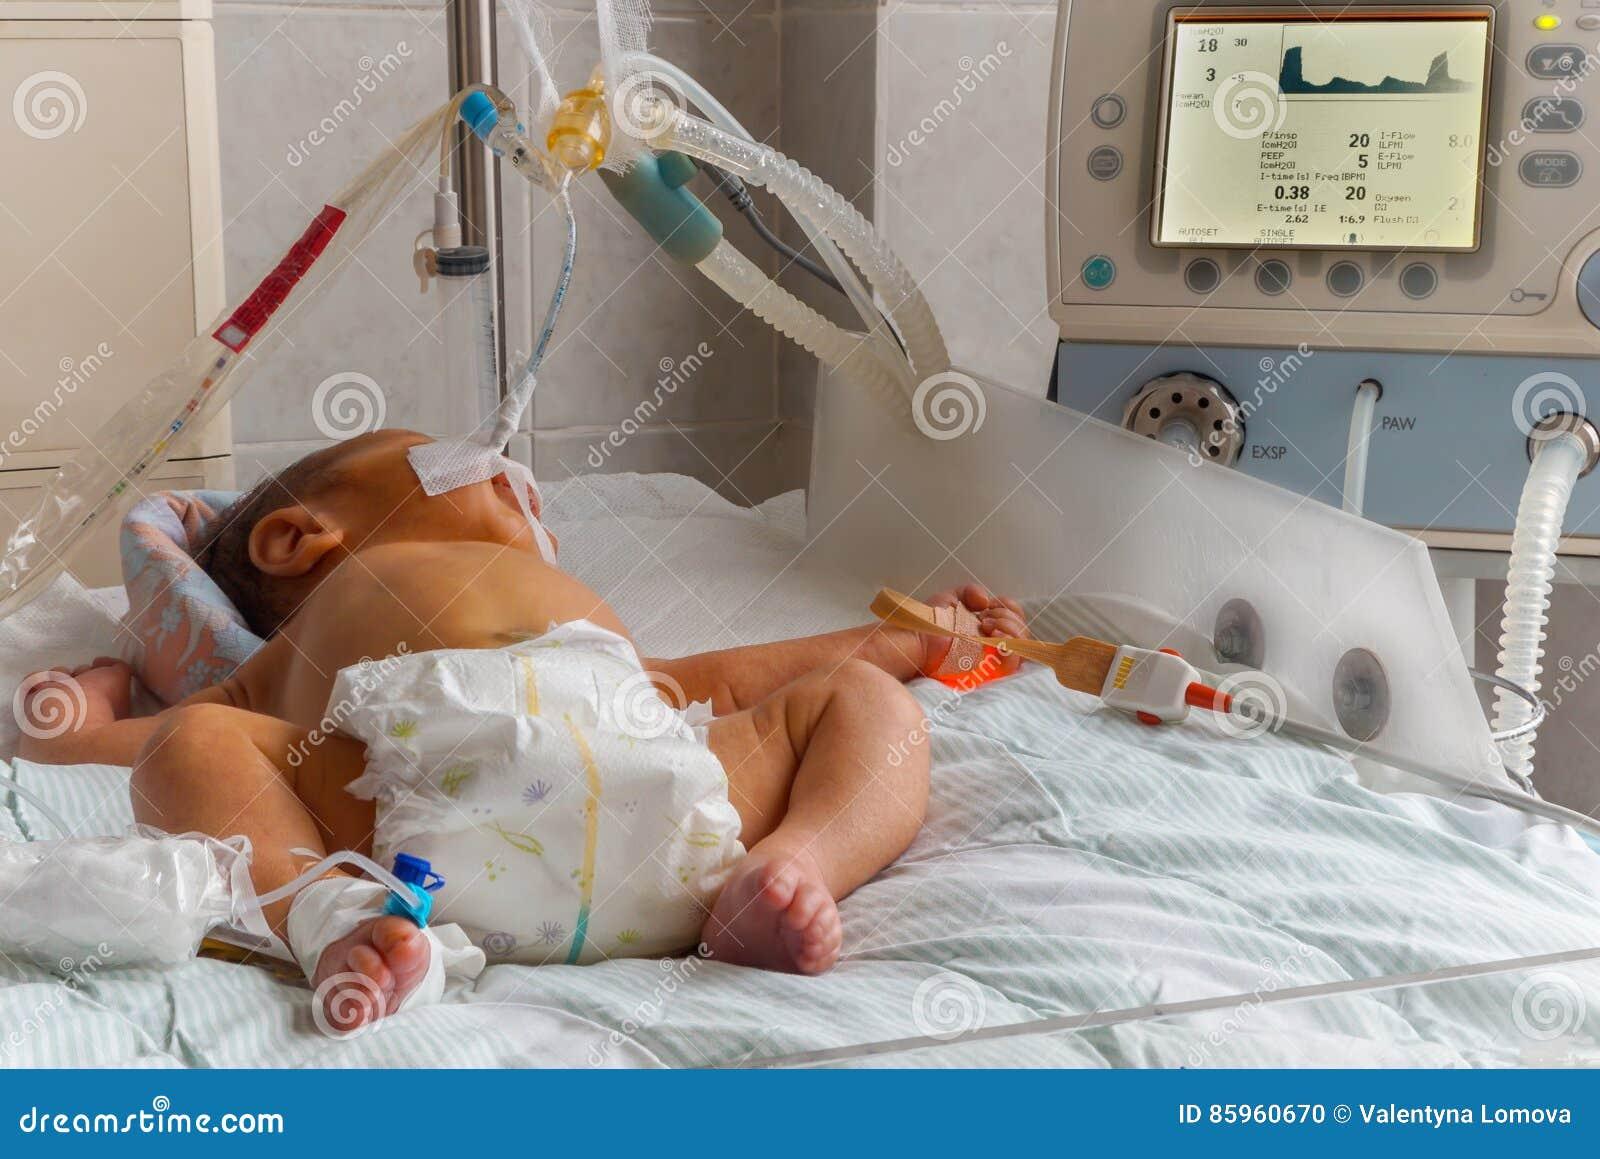 Νεογέννητο μωρό με το hyperbilirubinemia στην αναπνοή της μηχανής με τον αισθητήρα oximeter σφυγμού και του περιφερειακού ενδοφλέ